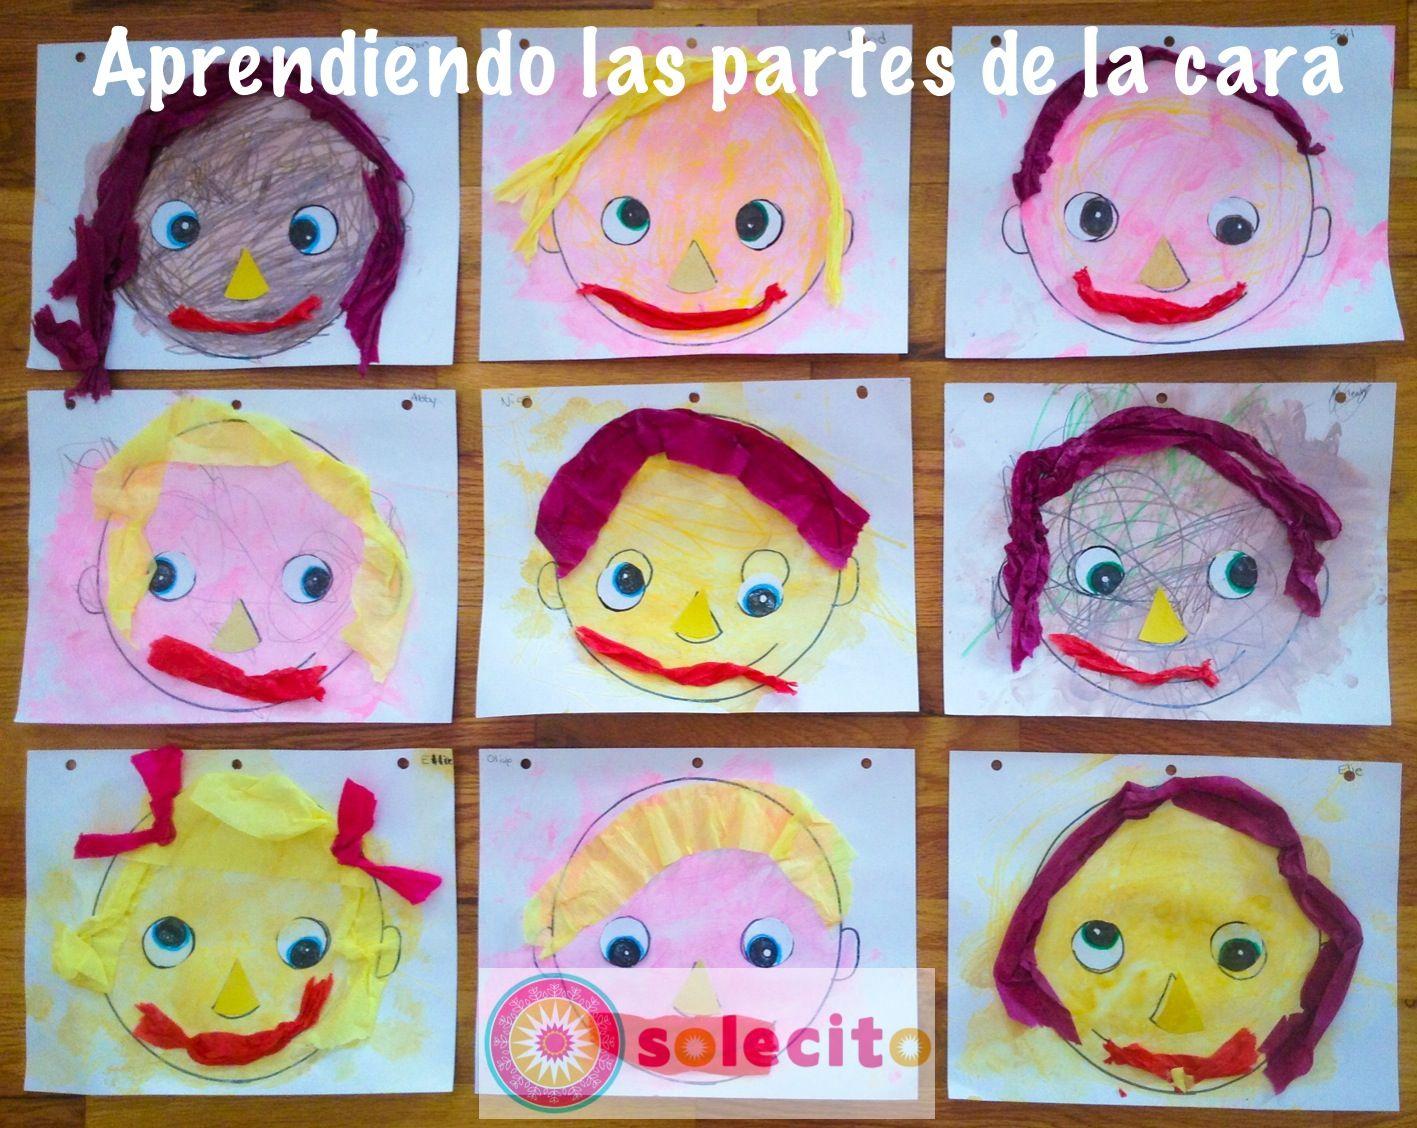 Parts Of The Face Las Partes De La Cara